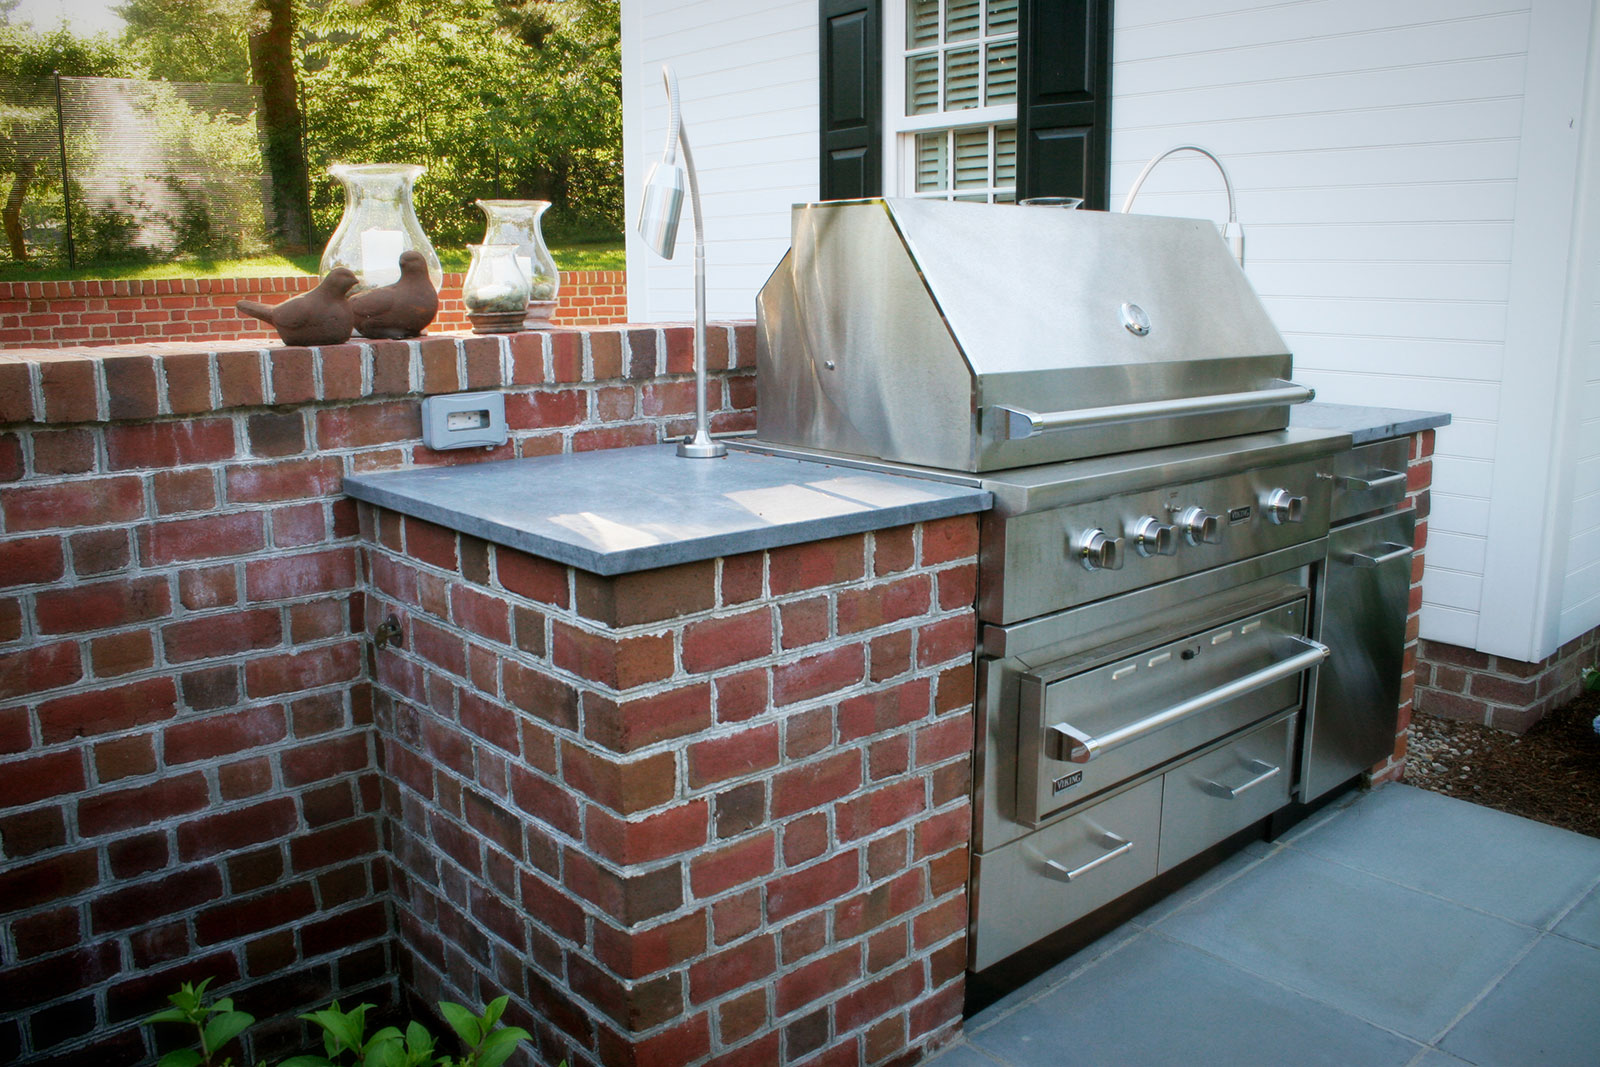 Brick outdoor kitchen design in Connecticut